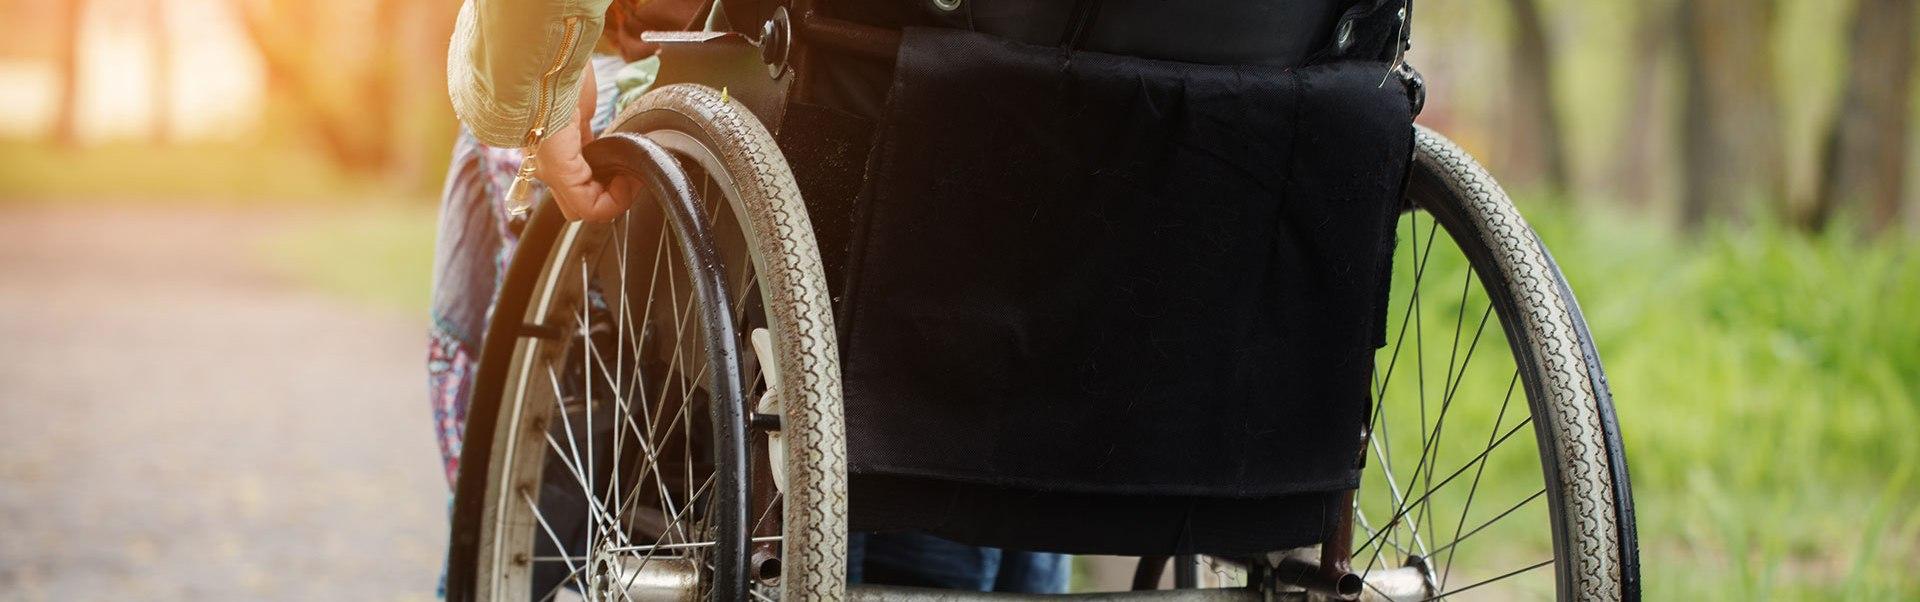 Un supporto concreto nelle problematiche legali e burocratiche della persona disabile e della sua famiglia